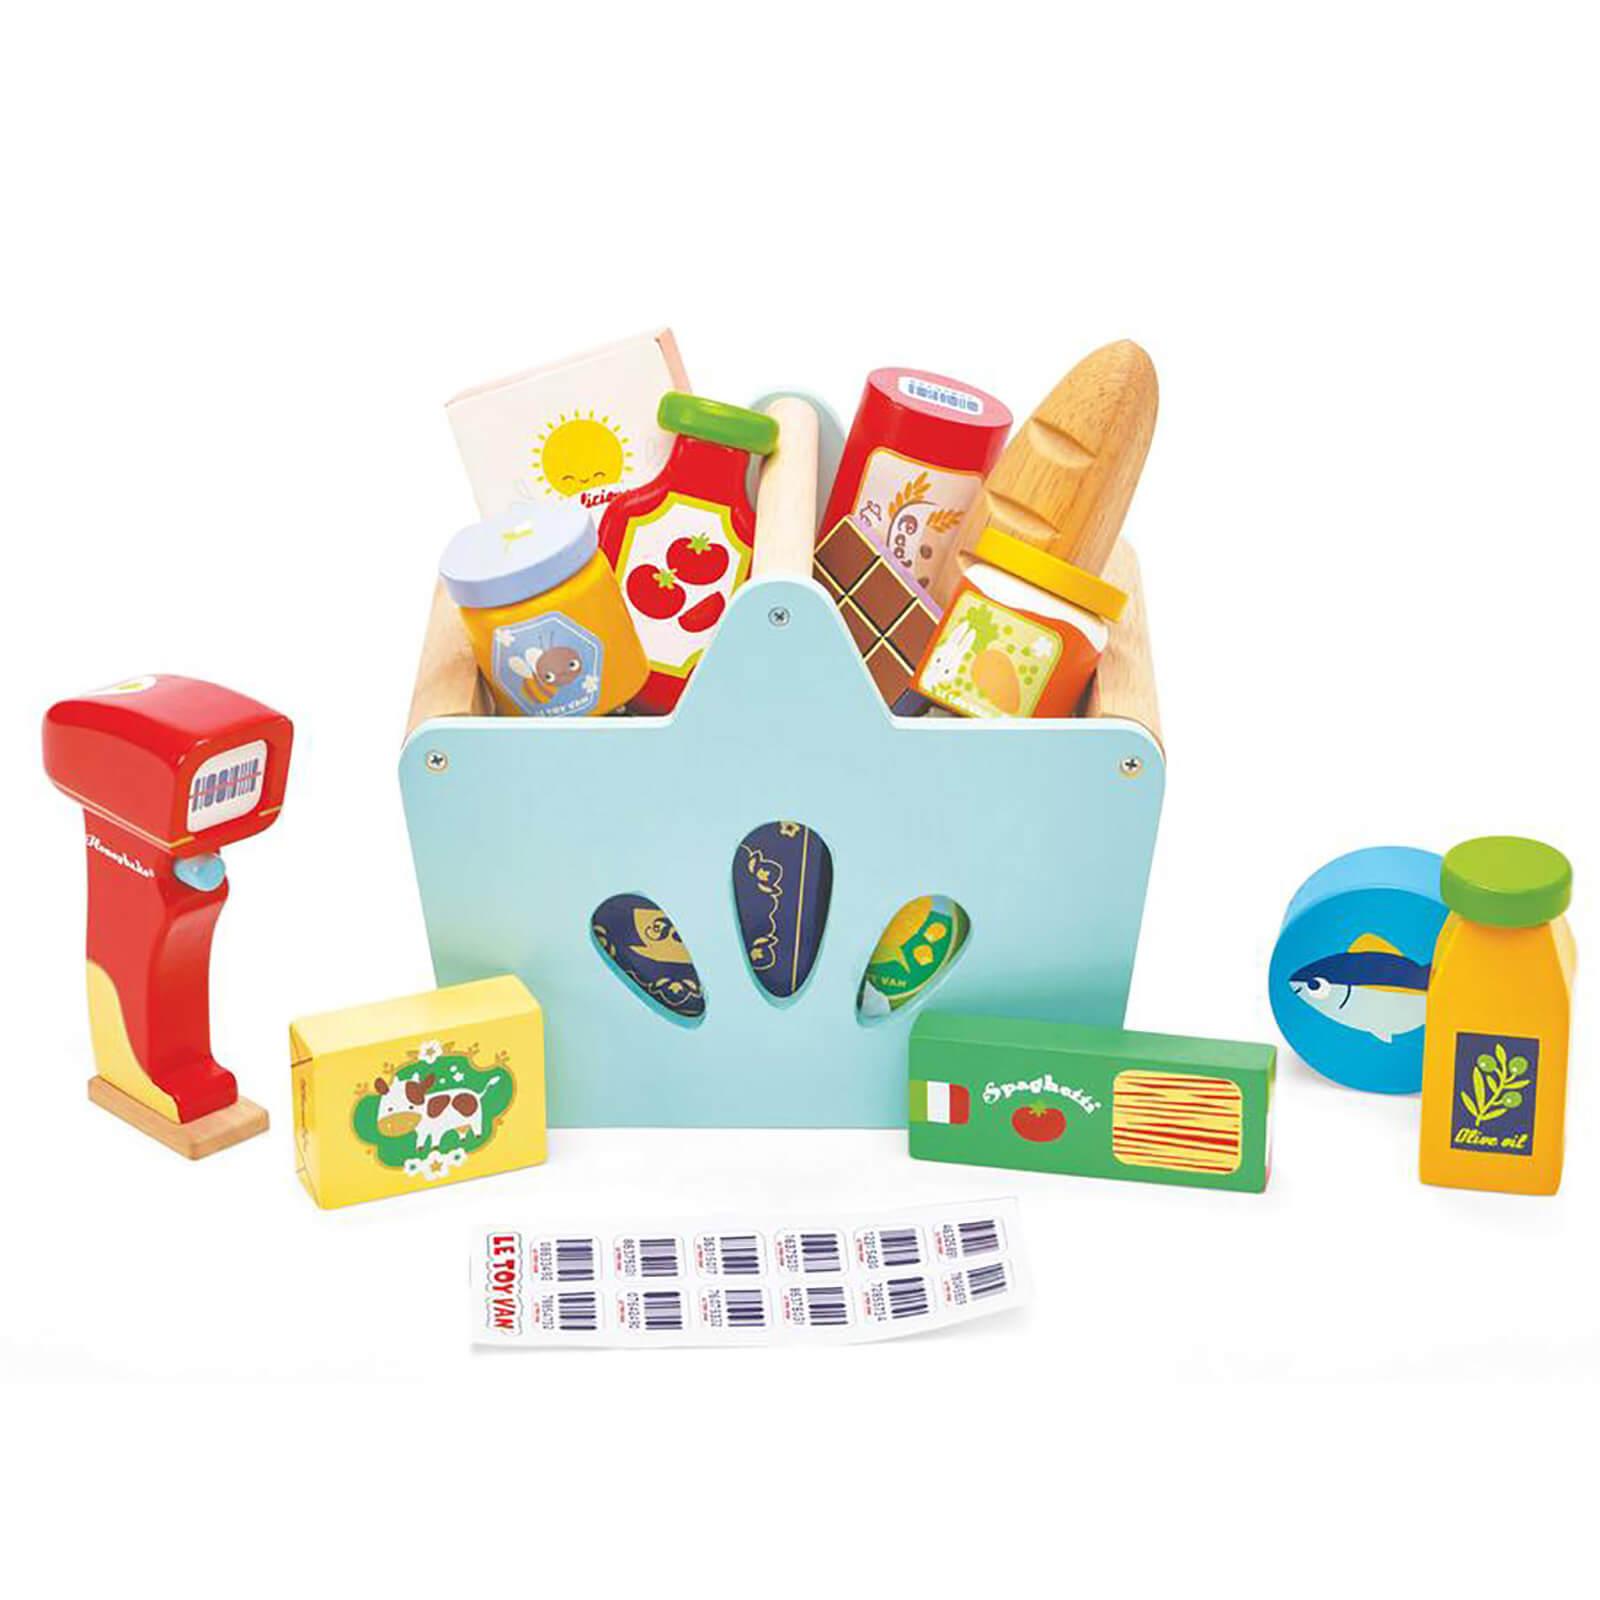 Le Toy Van Honeybake Groceries Set and Scanner